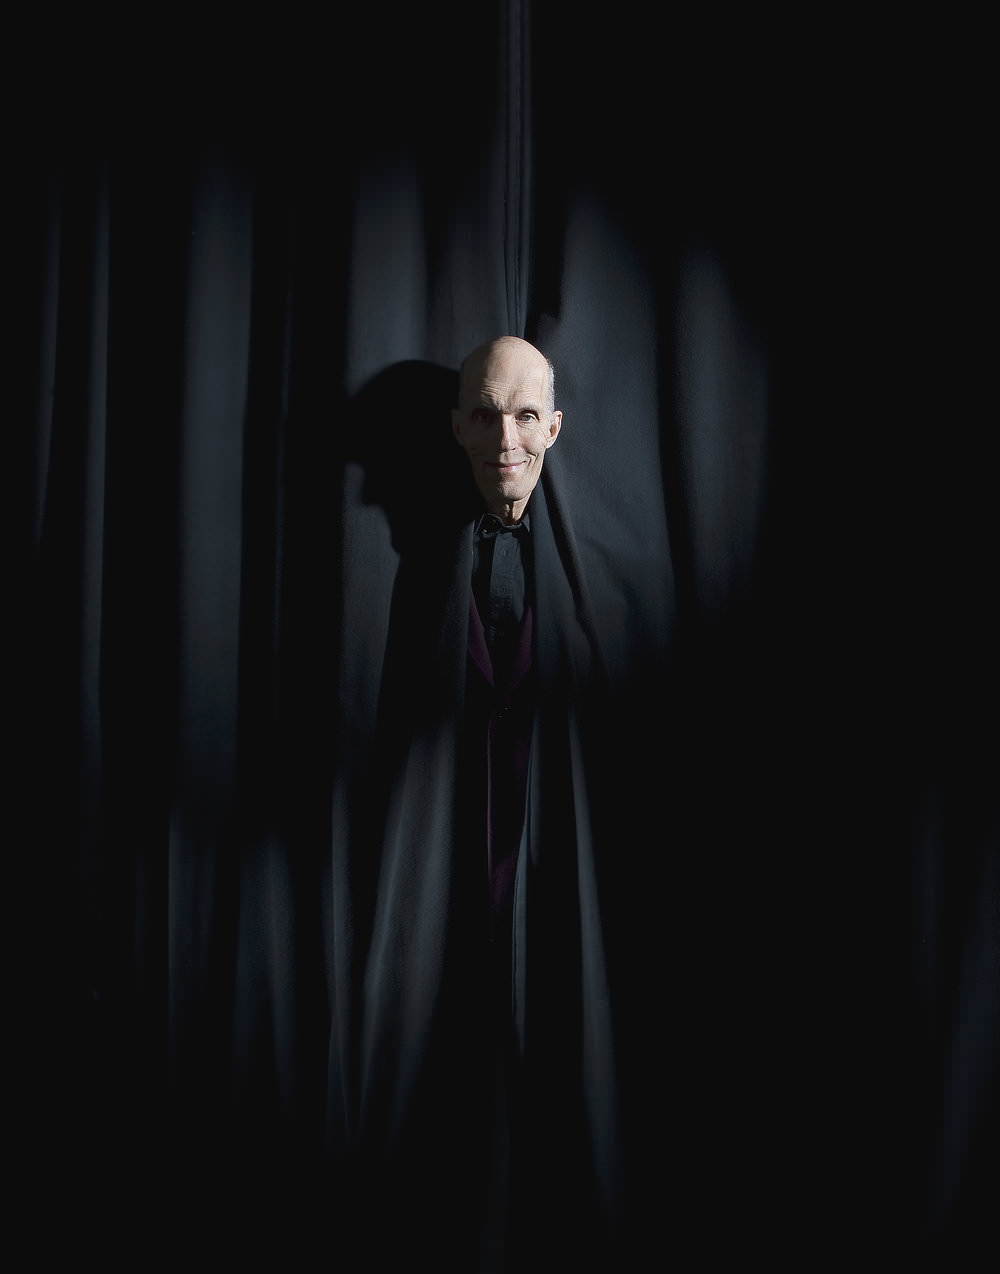 Carel Stuycken by Chris Loomis2.jpg